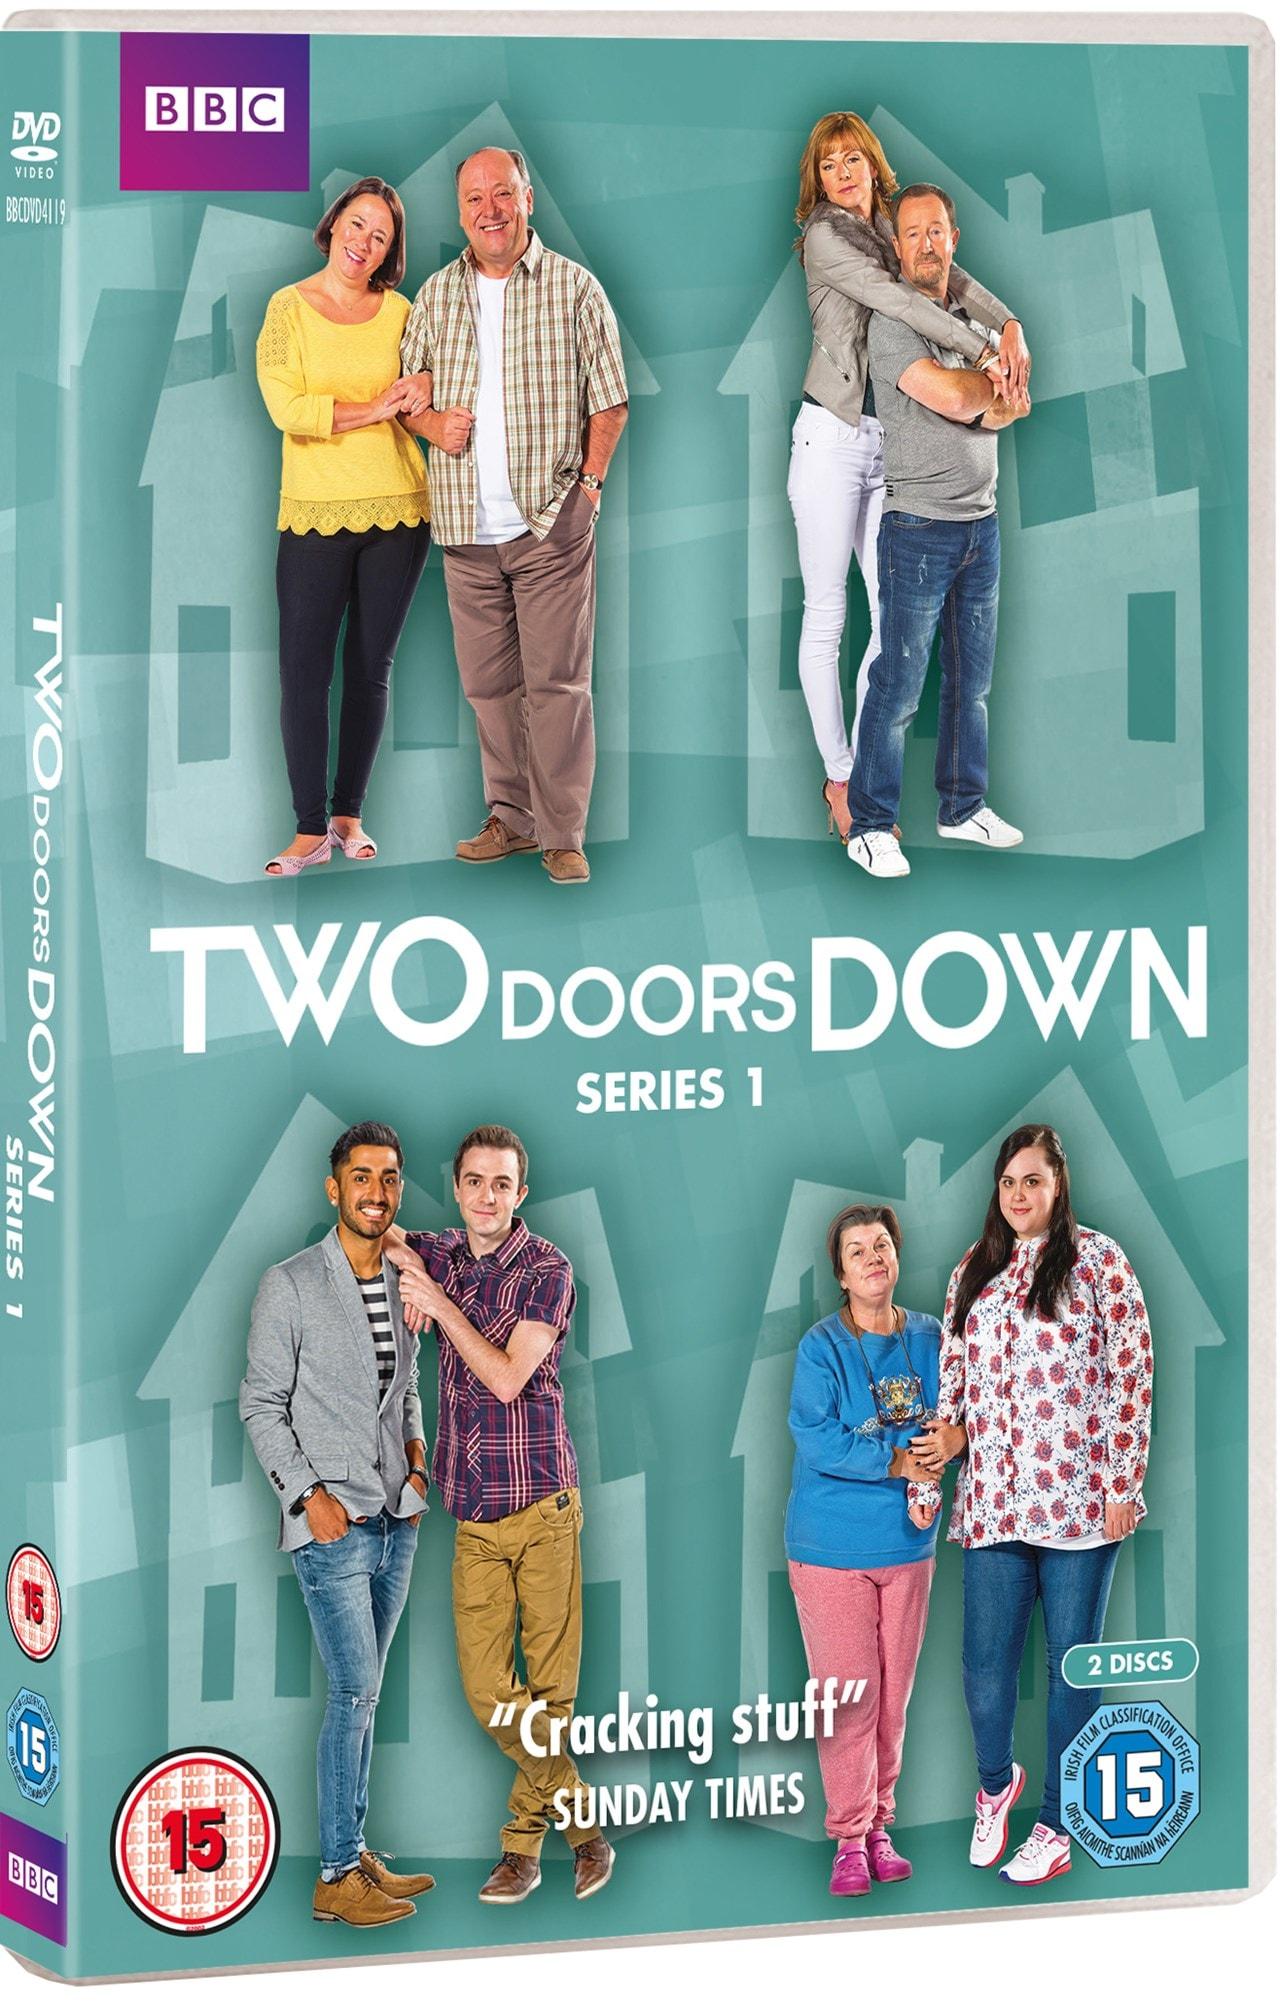 Two Doors Down: Series 1 - 2